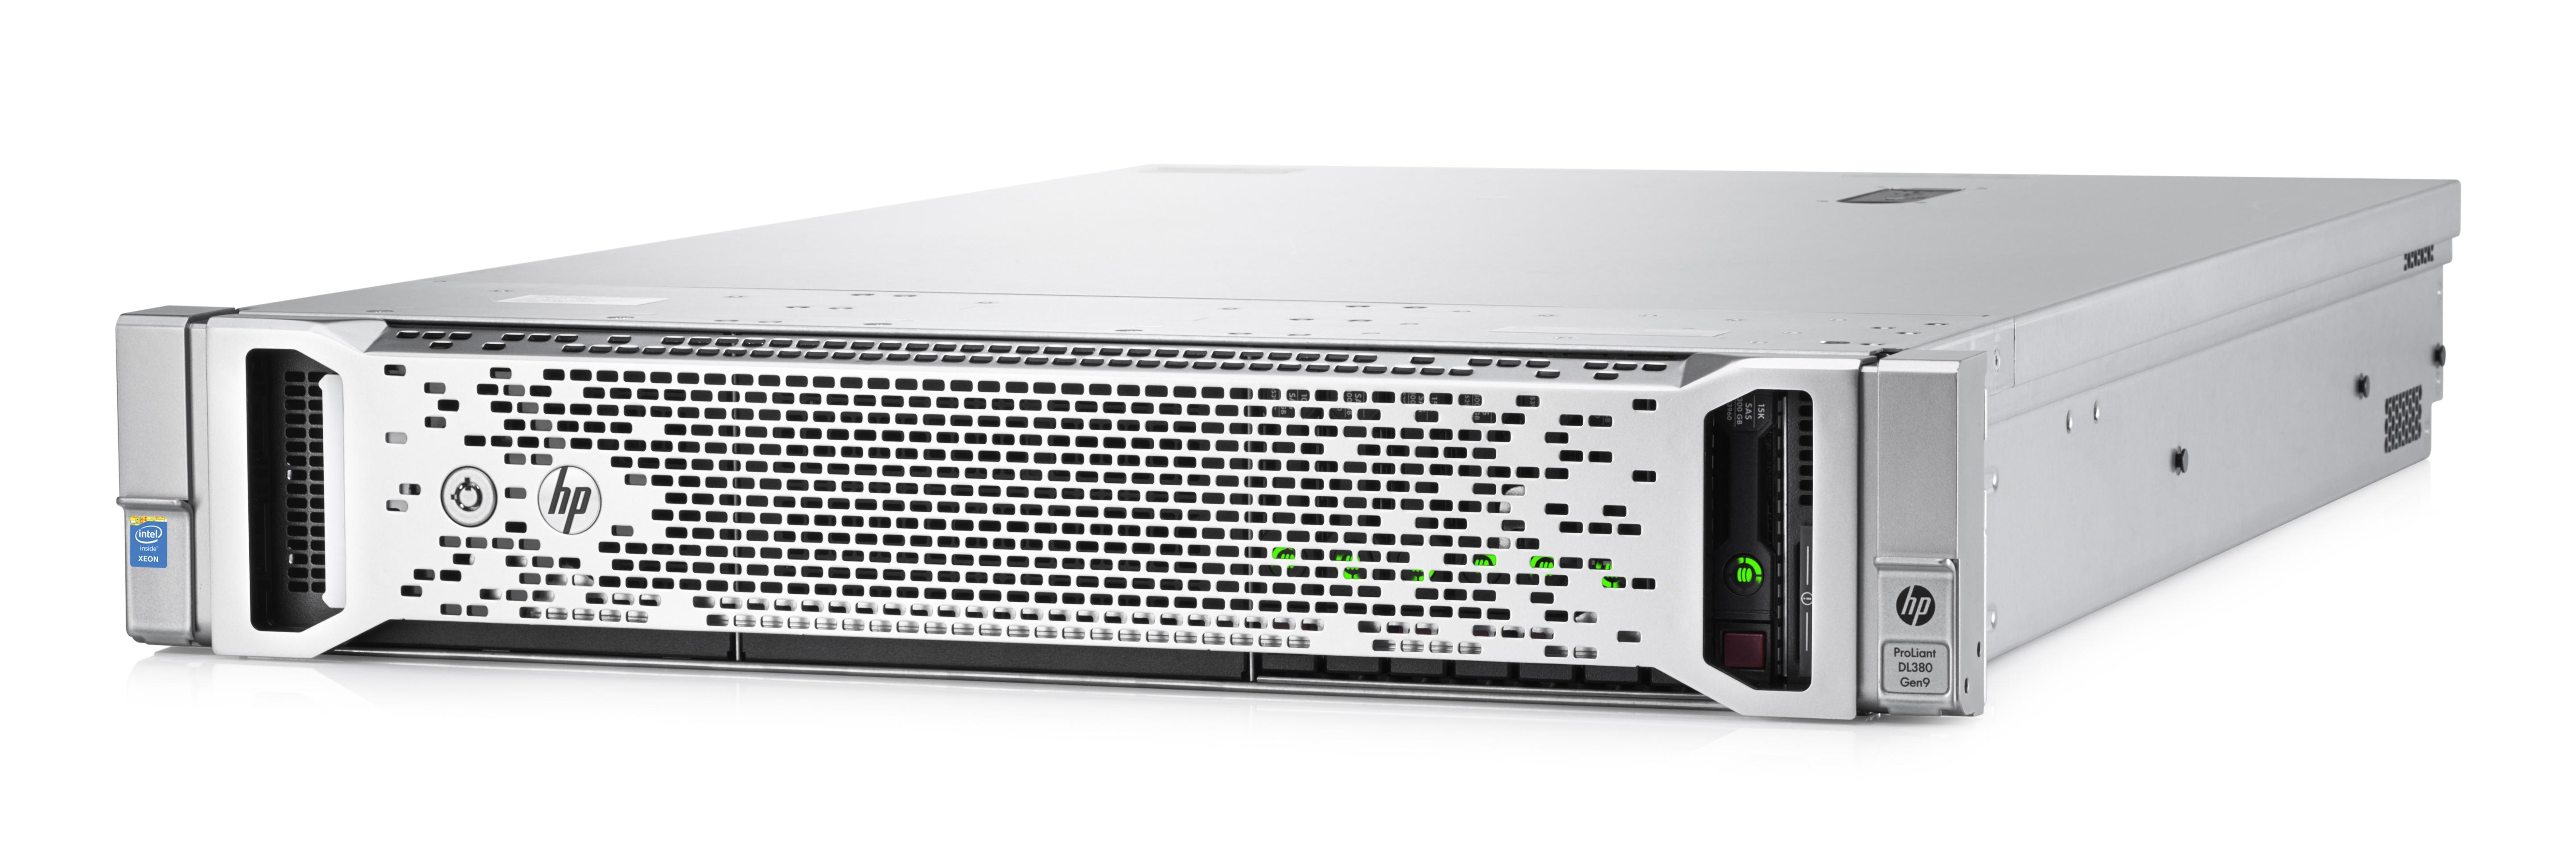 HPE DL380 Gen9 E5-2609v3 1P 8G 4LFF Svr (766342-B21)